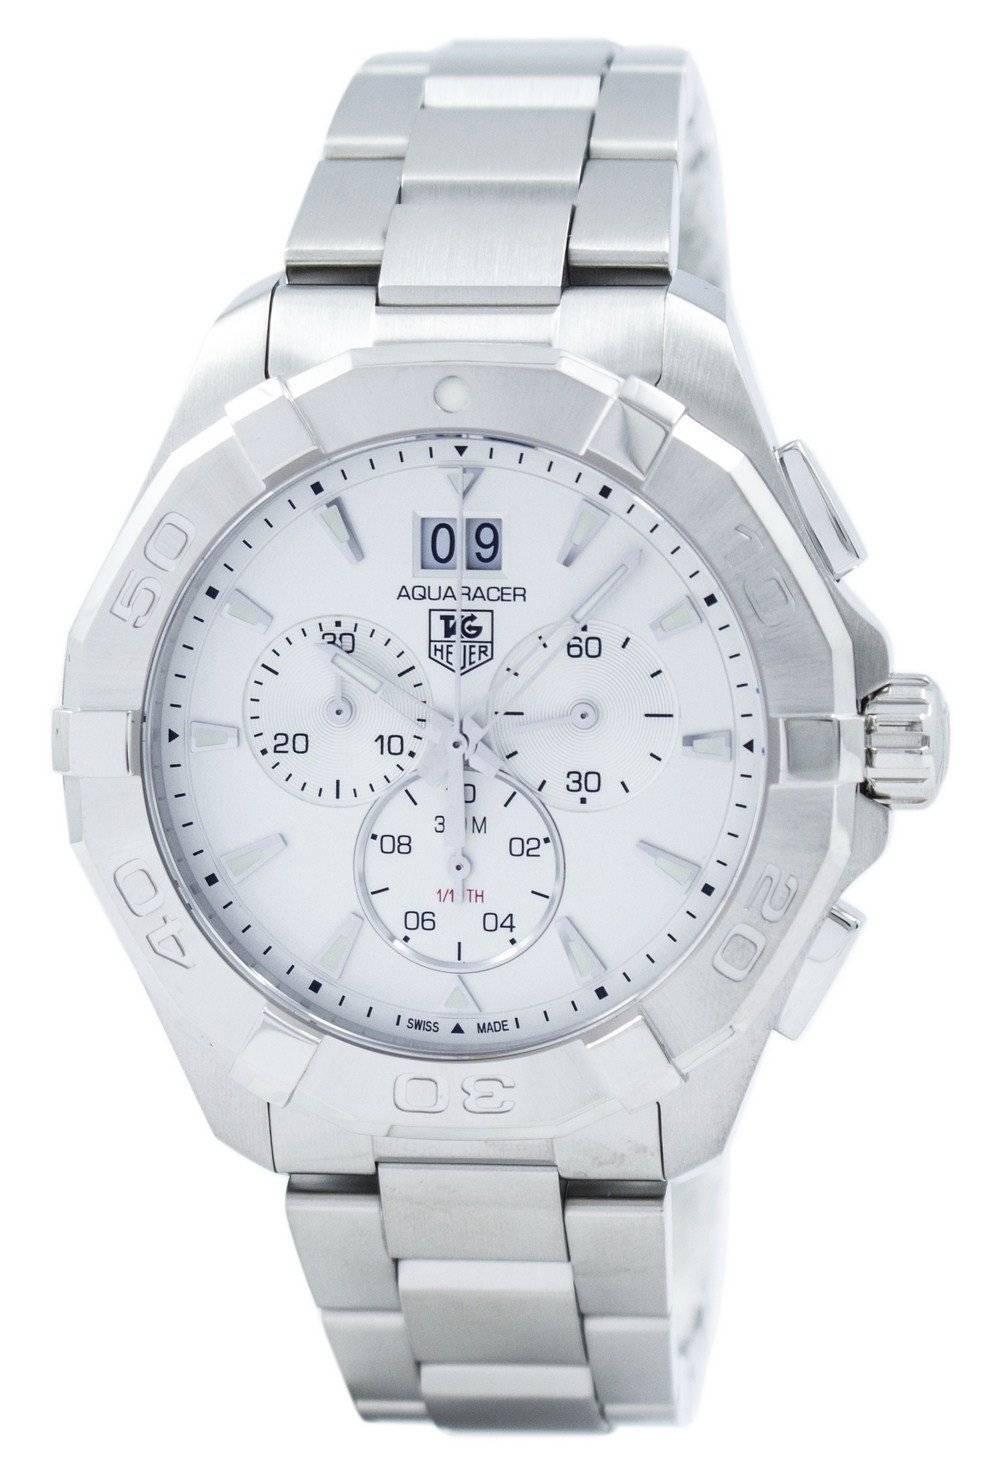 5c39d706be6 Tag Heuer Aquaracer Chronograph Quartz CAY1111.BA0927 Men s Watch ...